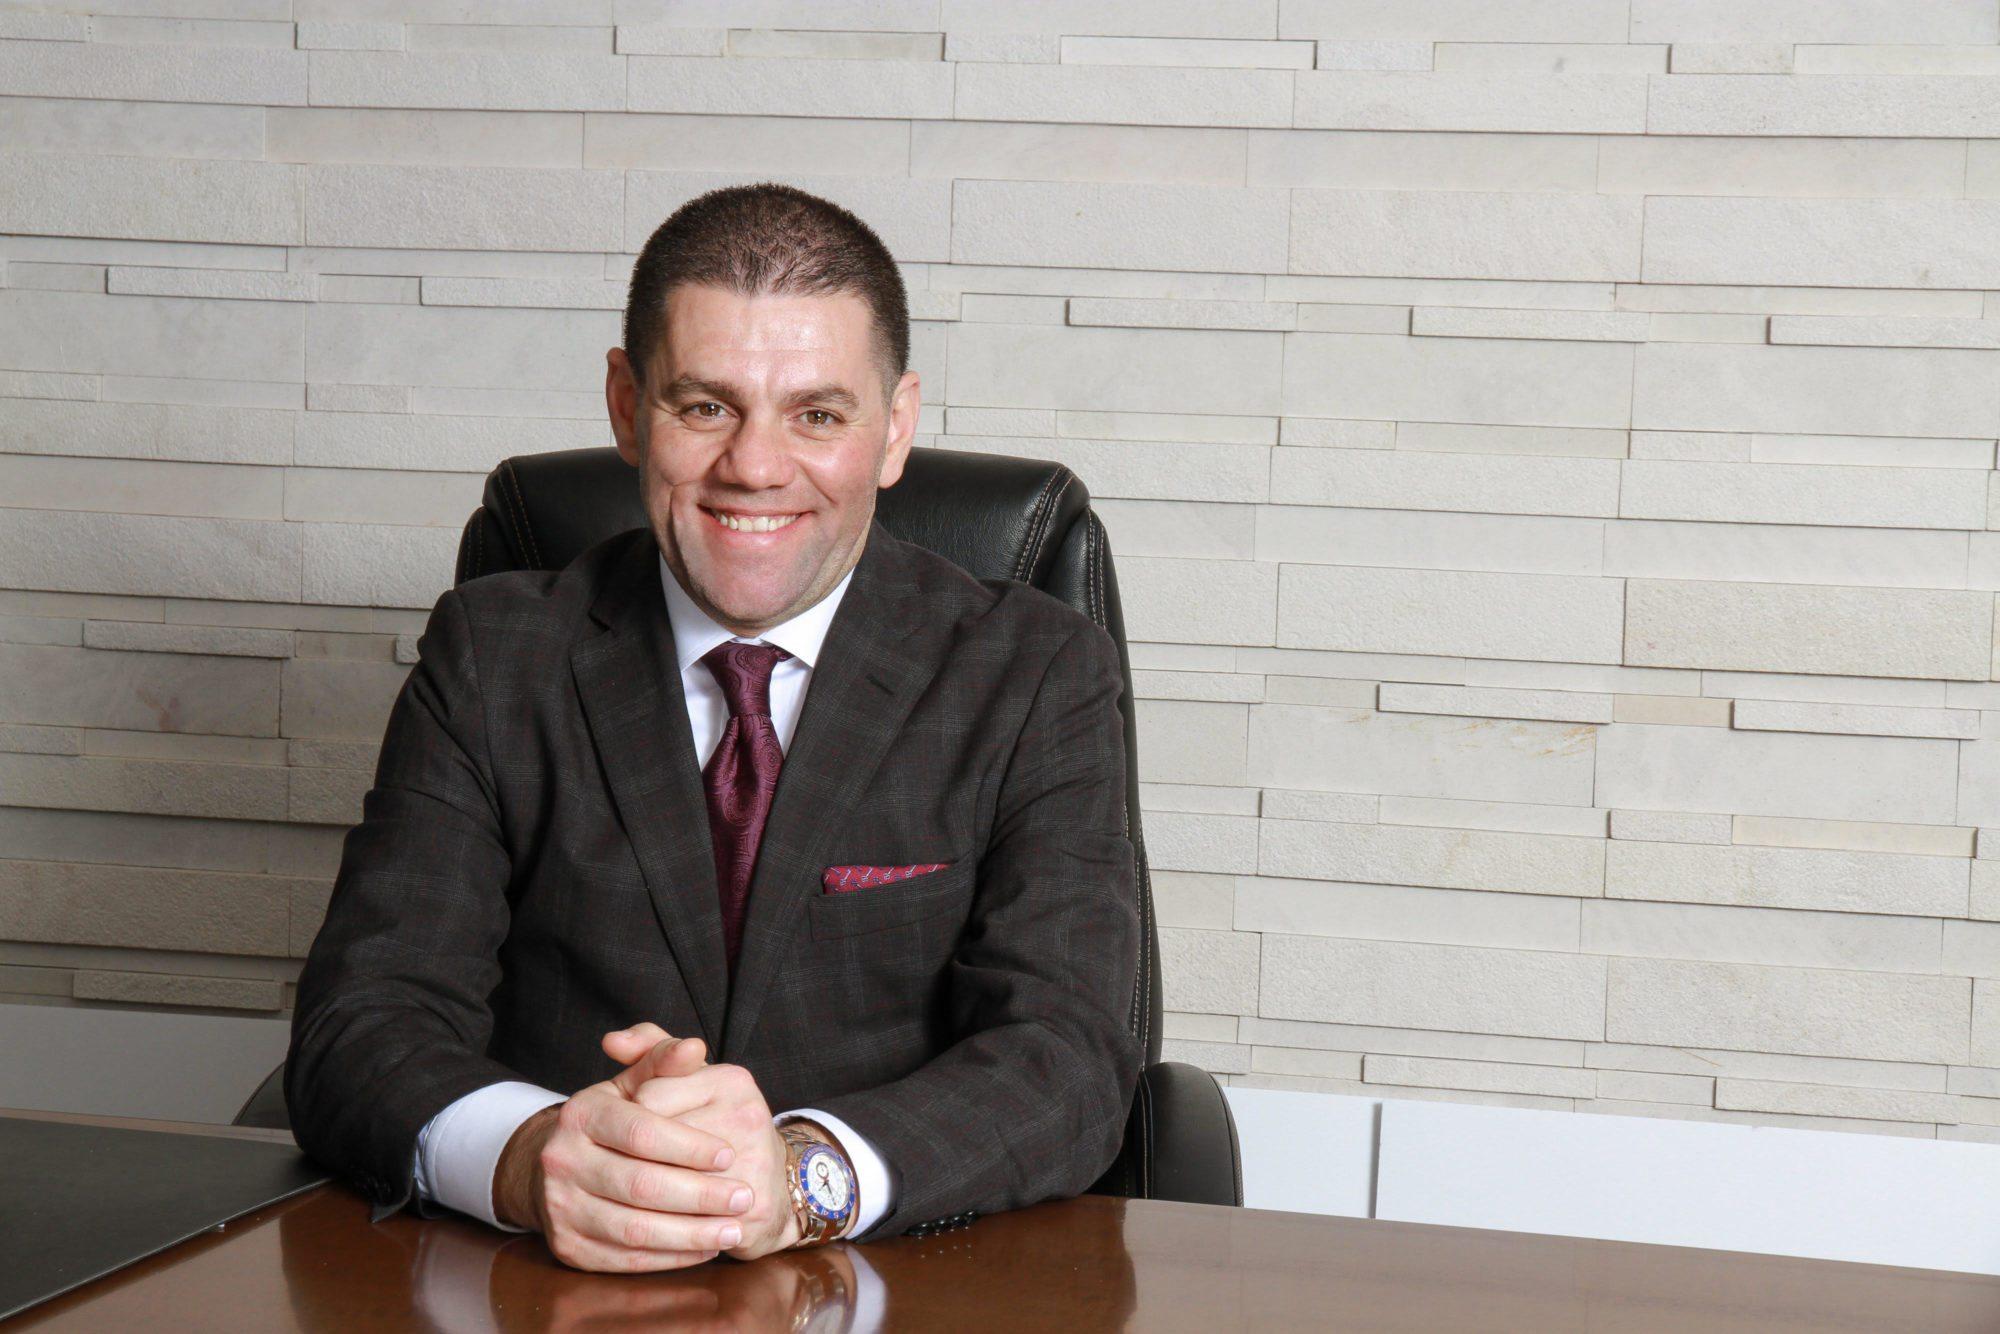 یک شبانهروز از زندگی محمد فقیه؛ مردی که ظرف یک ماه ۳.۳ میلیون دلار برای کمک به بازماندگان قربانیان هواپیمای اوکراینی جمعآوری کرد